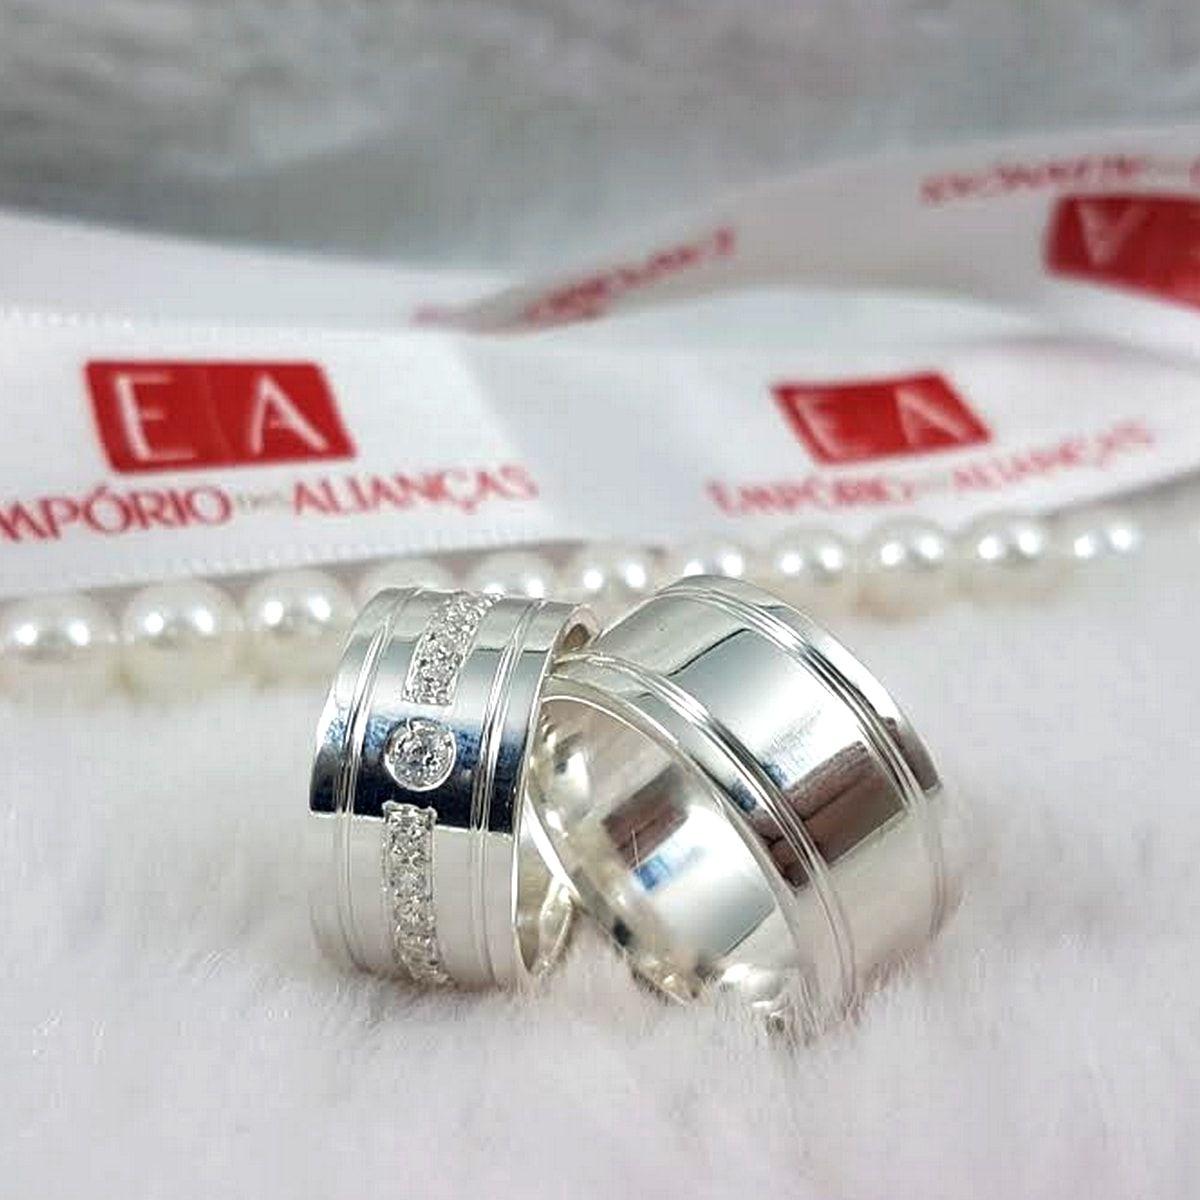 Alianças Prata Compromisso Namoro Quadrada Larga Anatômica Pedra Zircônia 10mm 18 Gramas